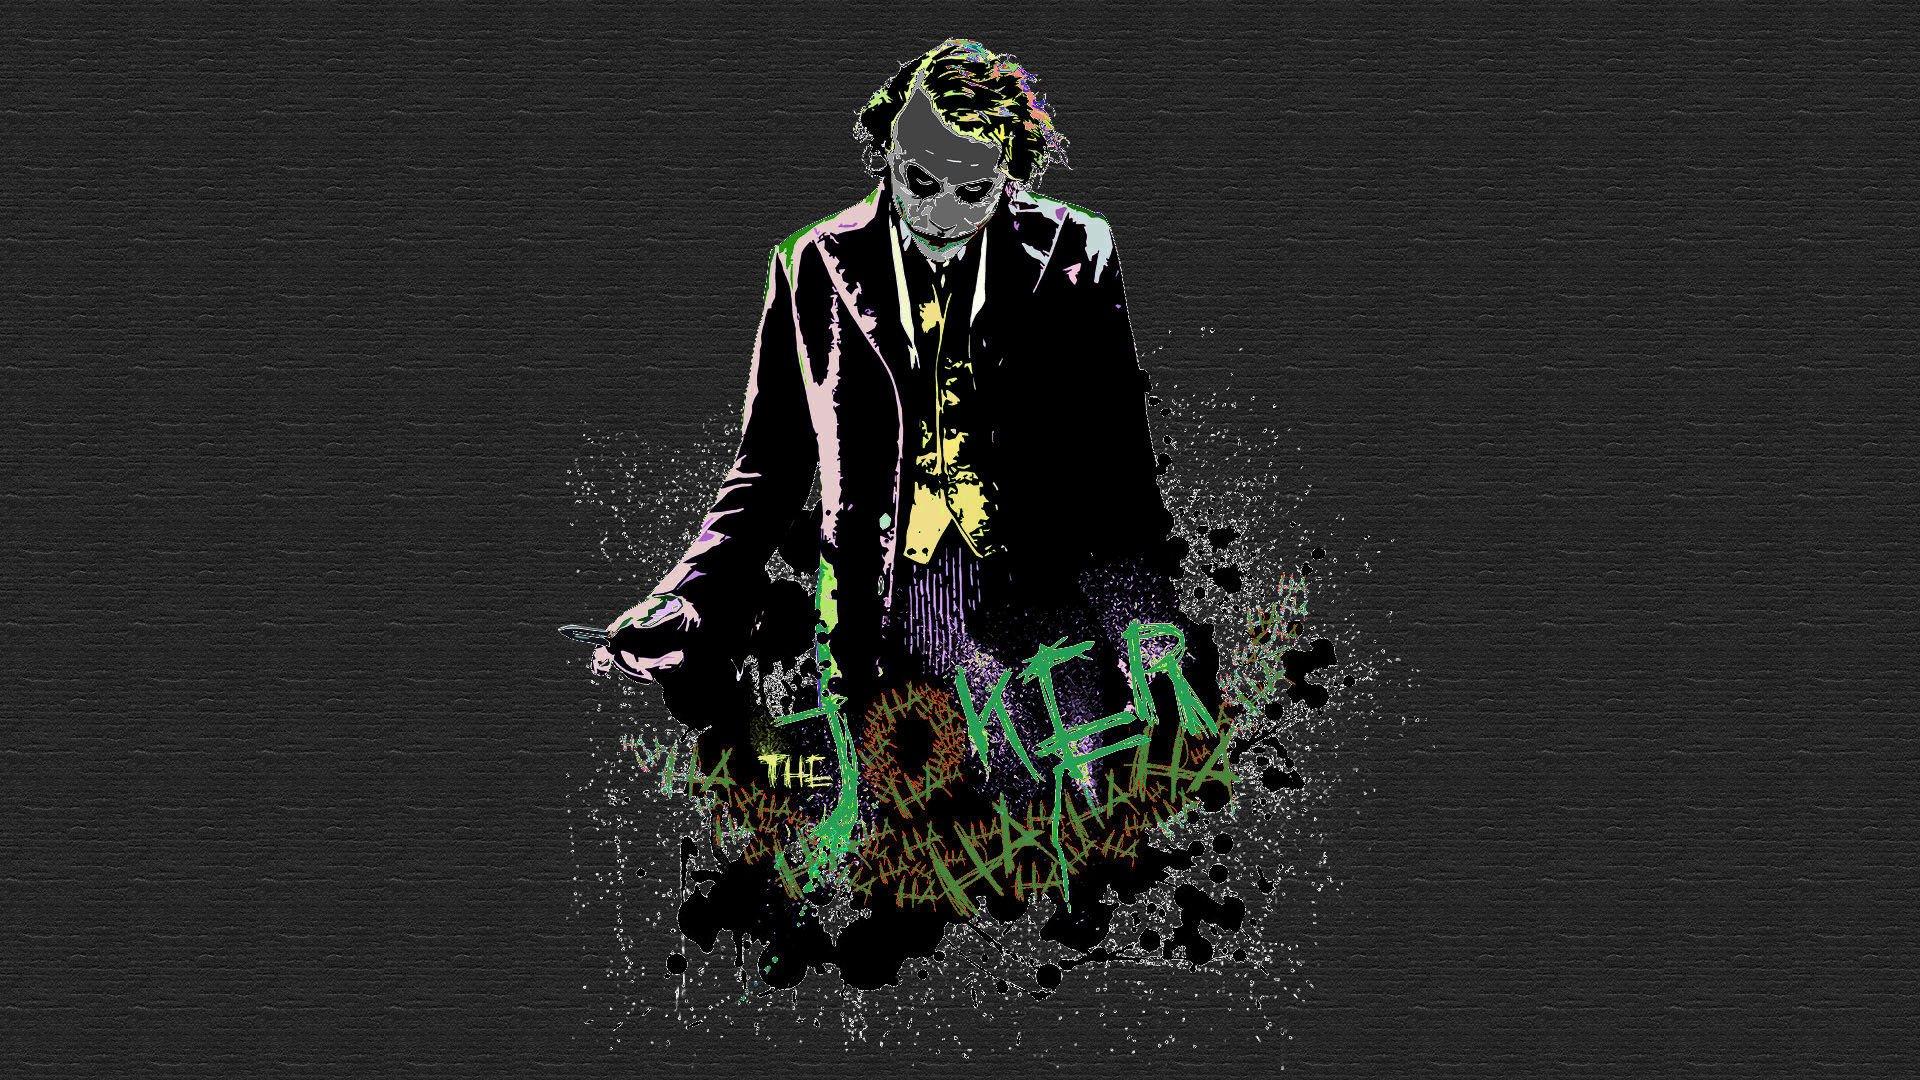 heath ledger joker wallpapers hd 035